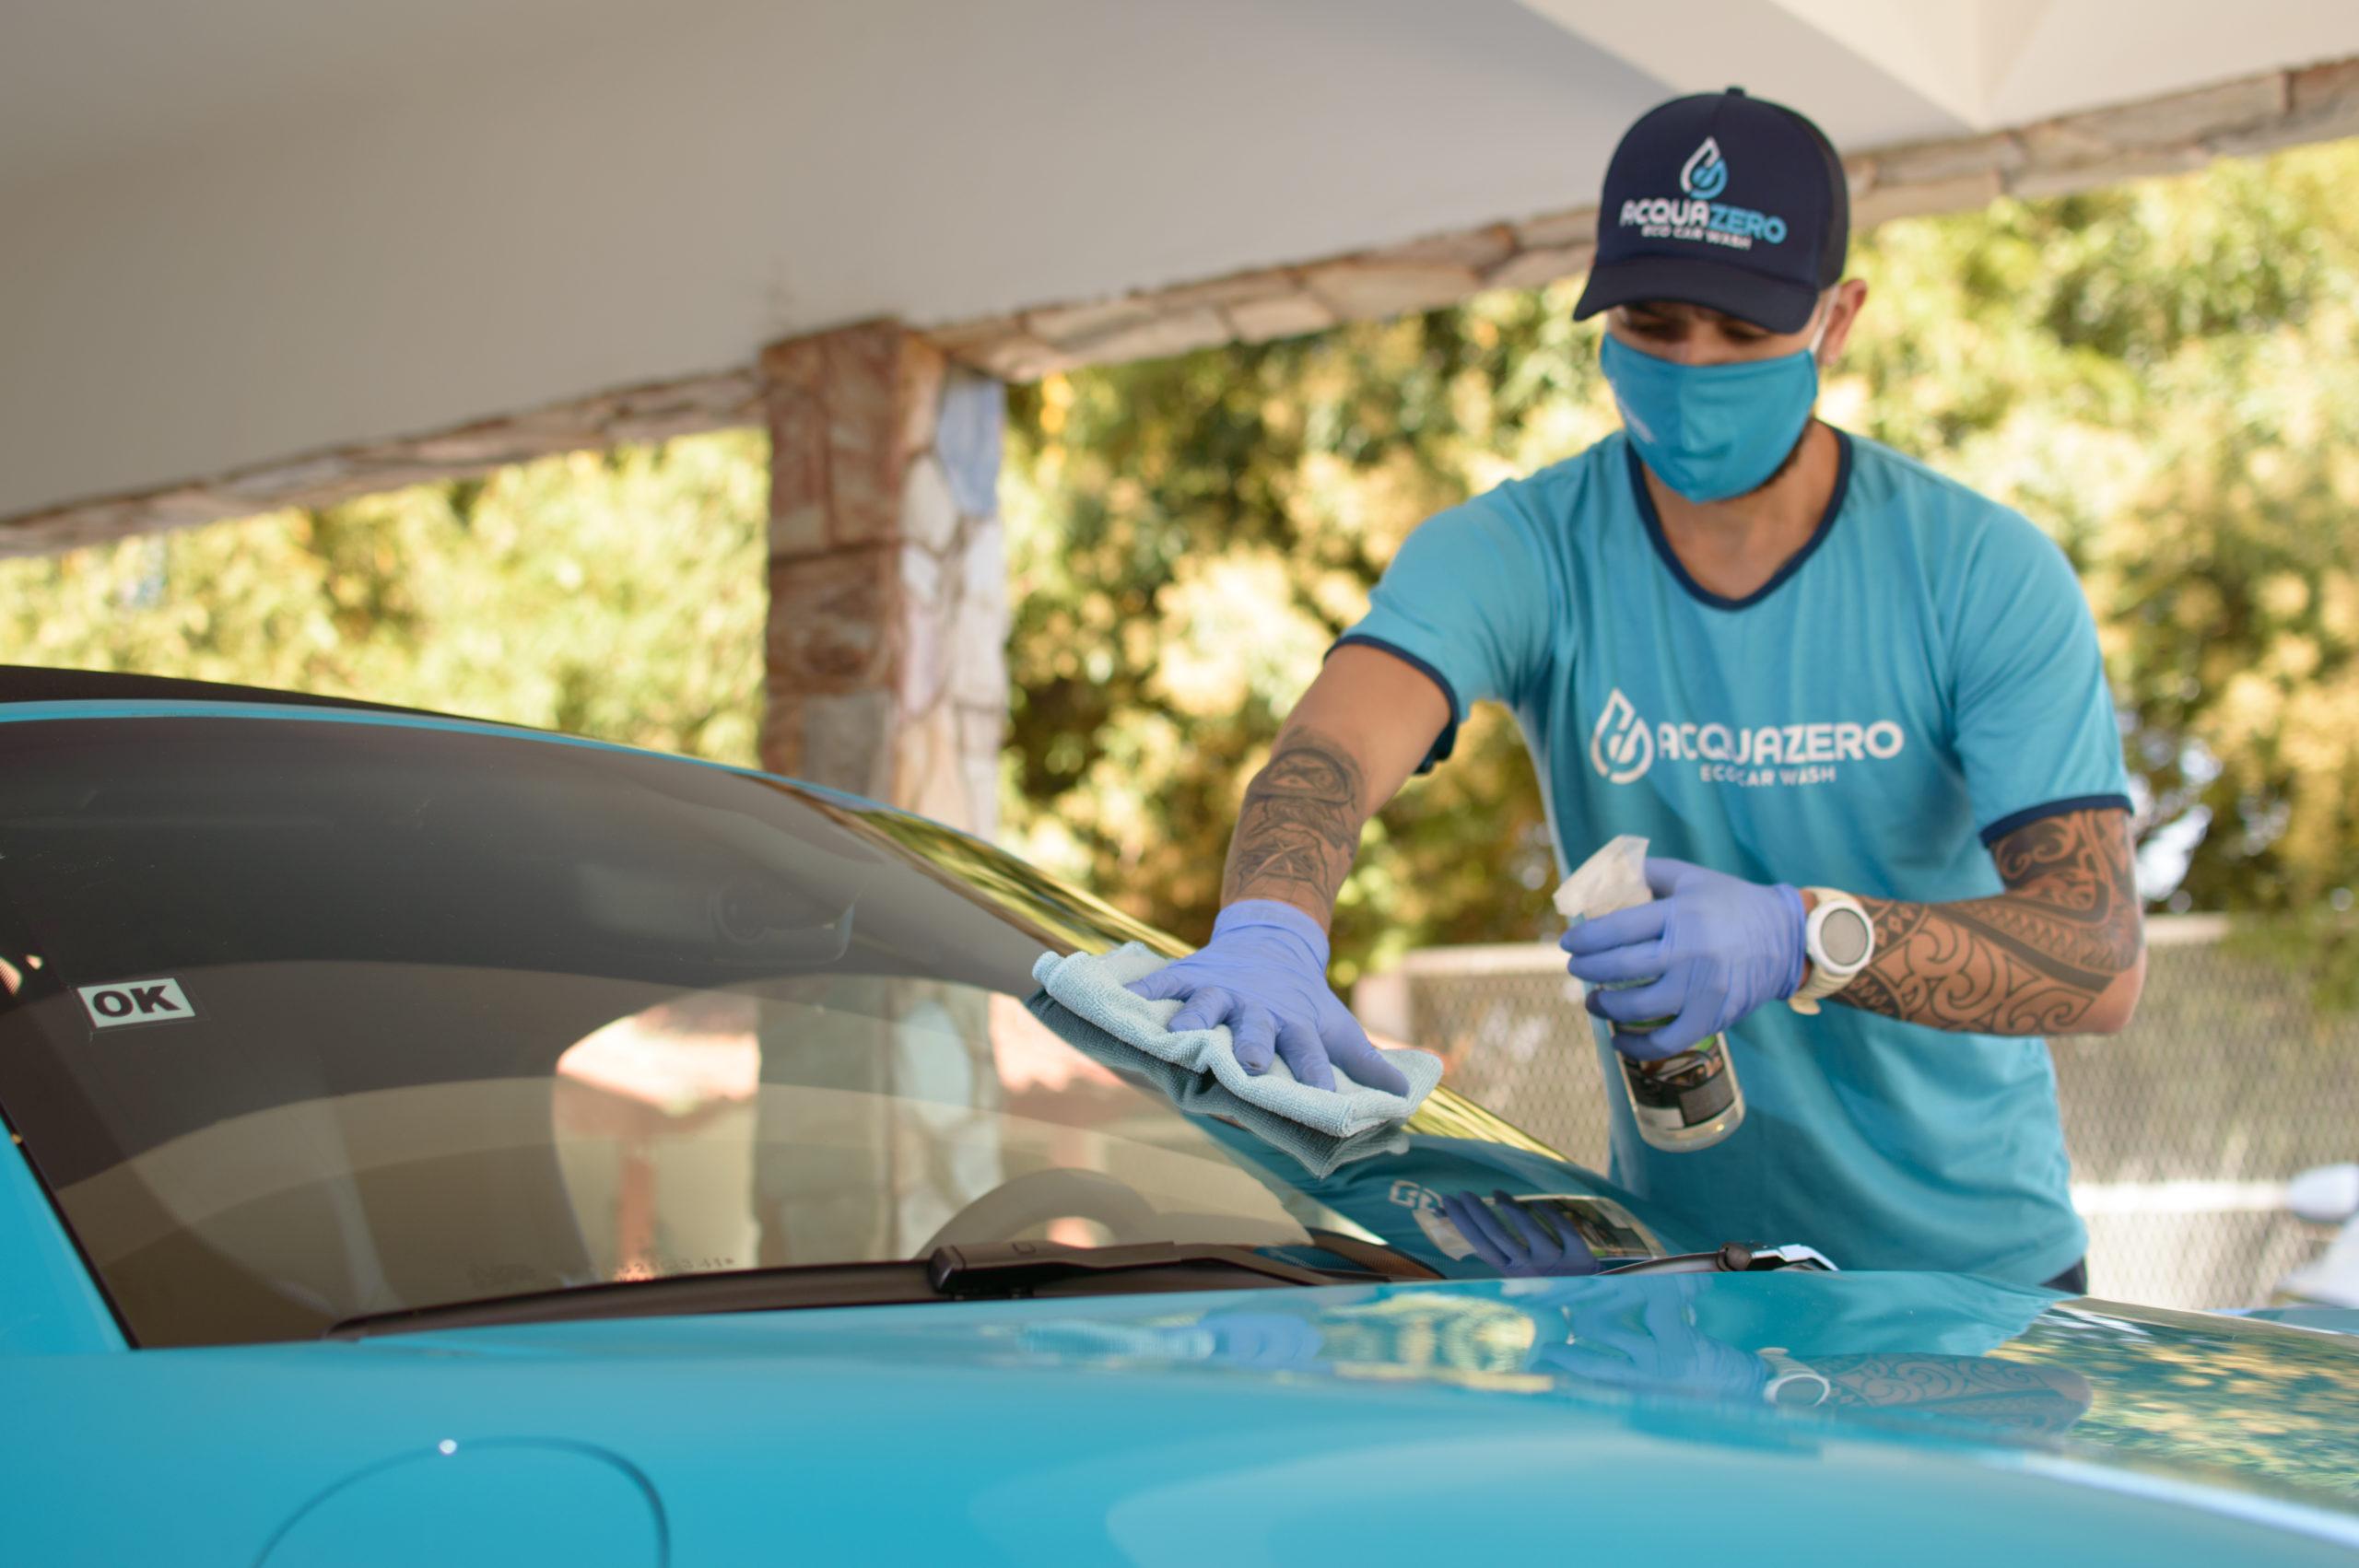 Vemos um técnico da Acquazero realizando a limpeza do para-brisa de um carro (imagem ilustrativa).